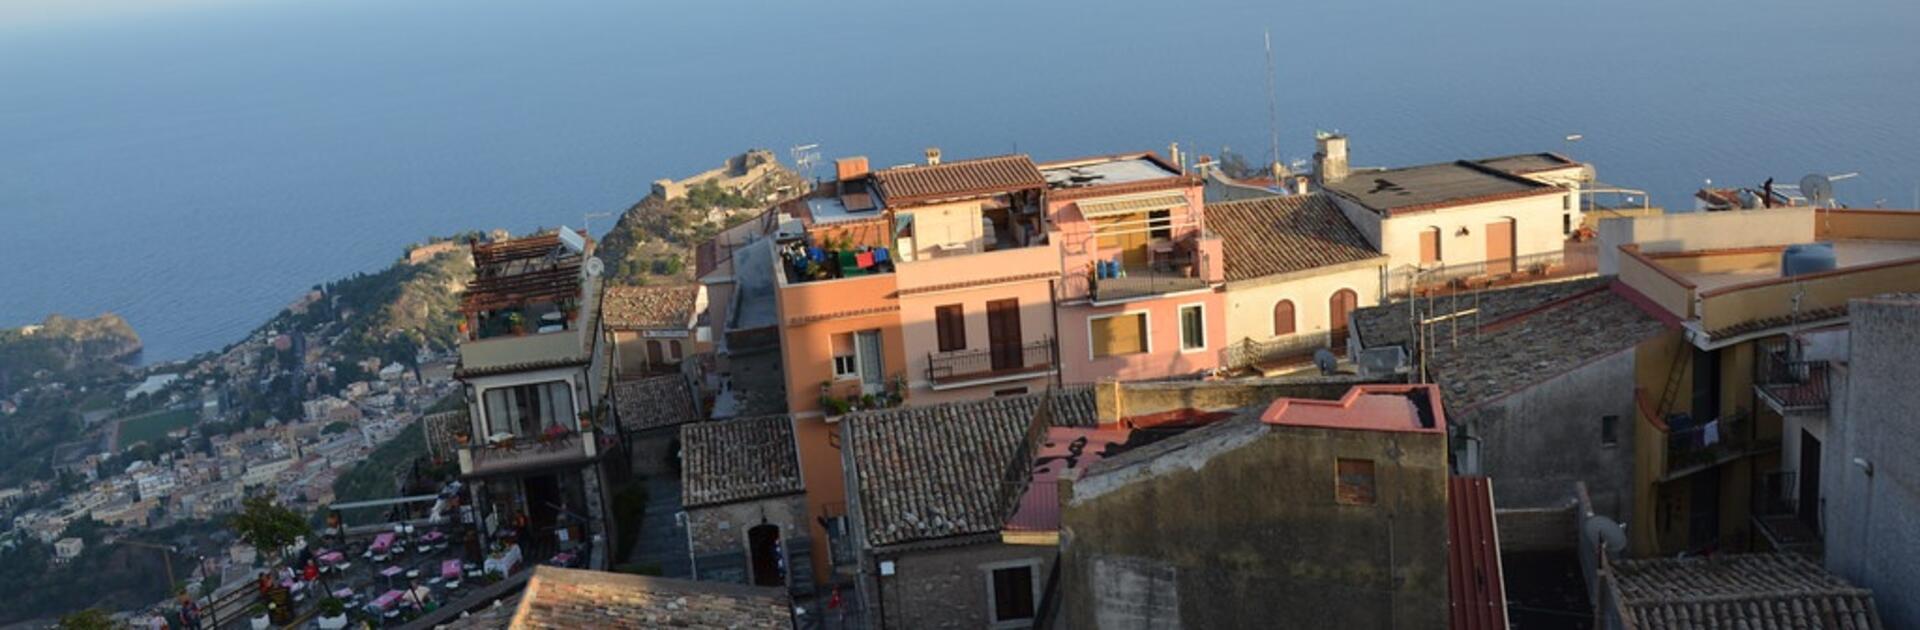 Castel Mola, il borgo che saluta Taormina dall'alto